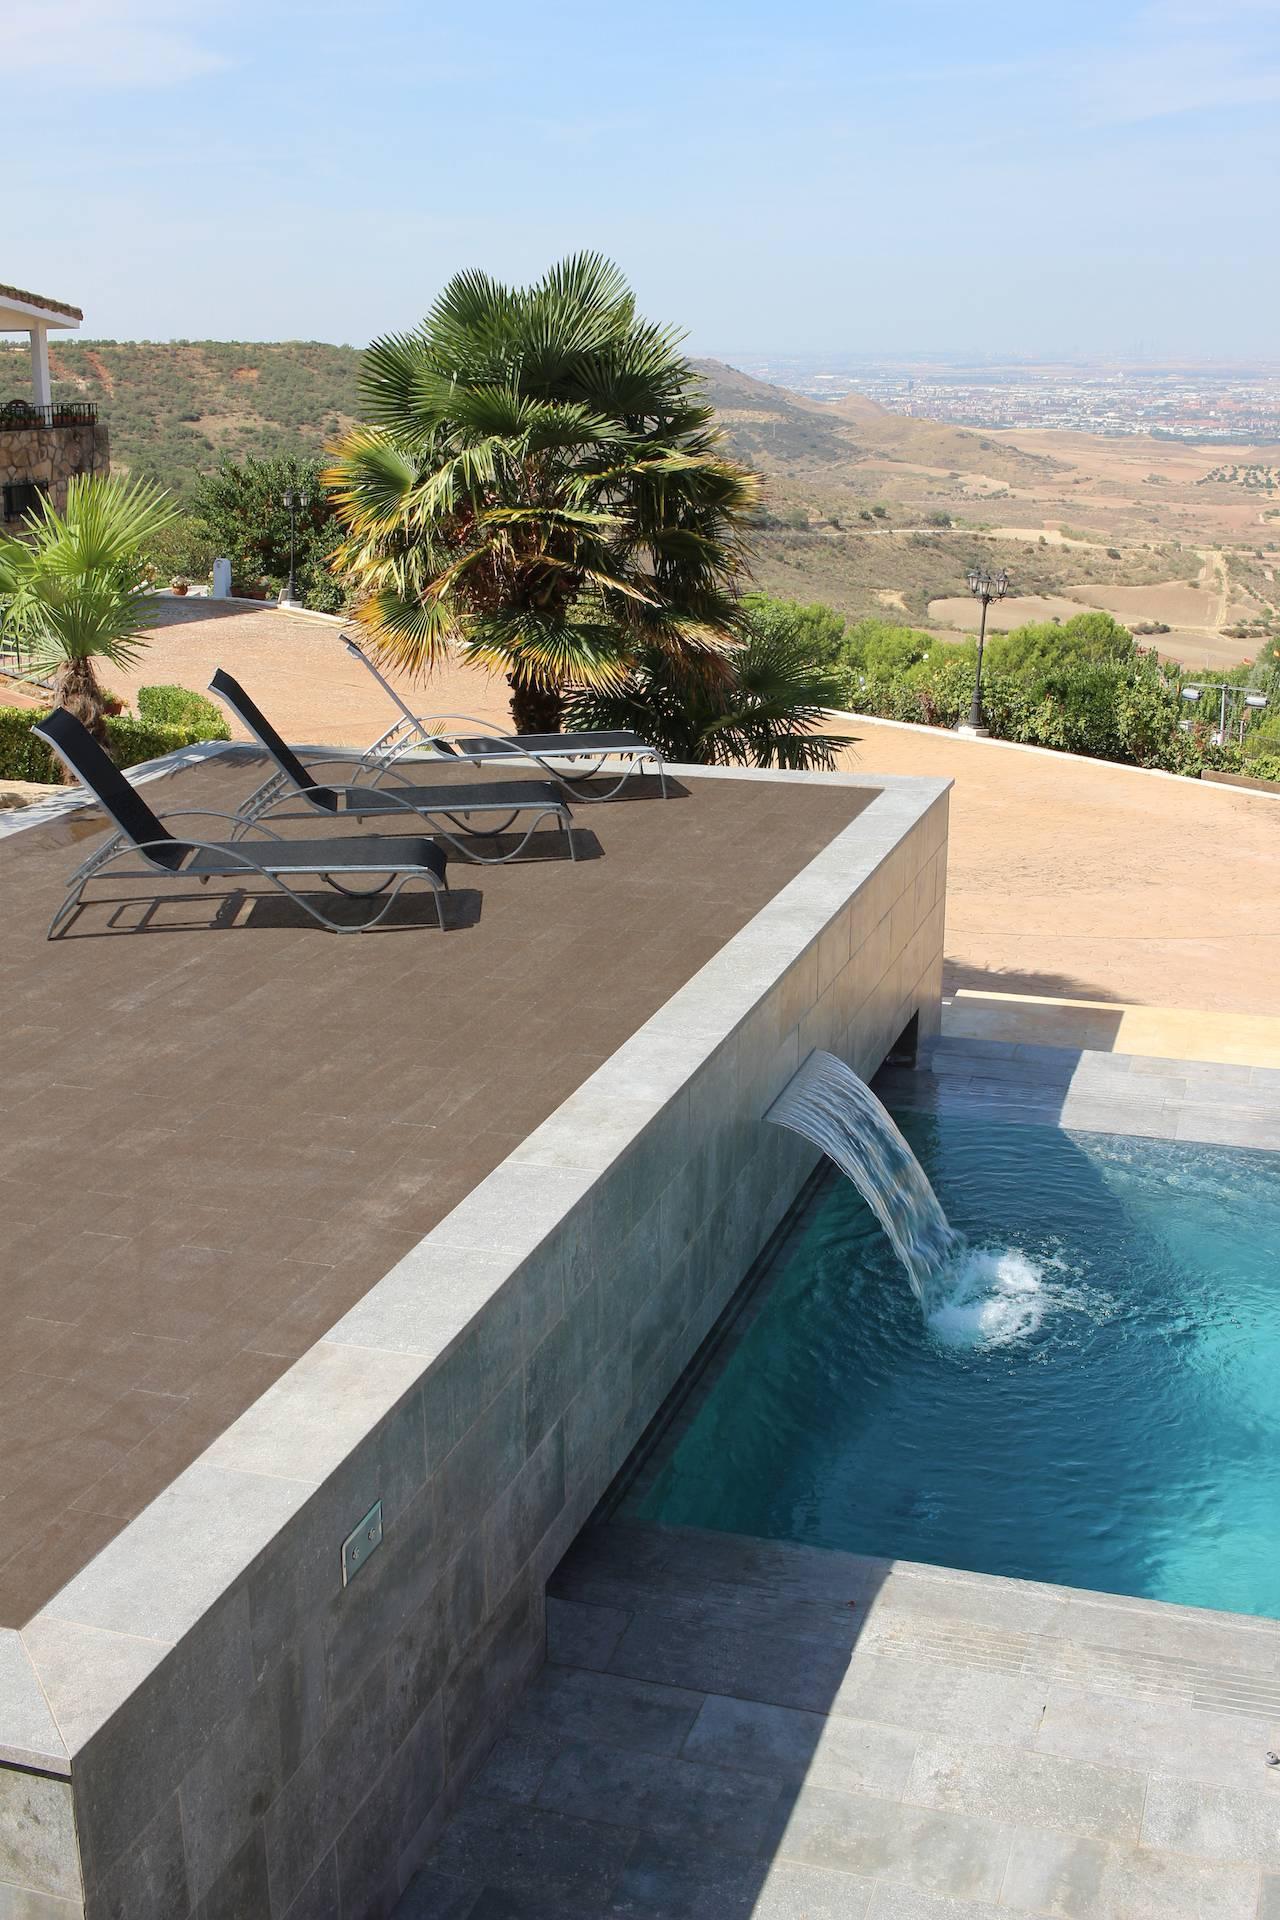 Piscina desbordante mistery blue stone piscinas oscer - Piscina ajalvir ...